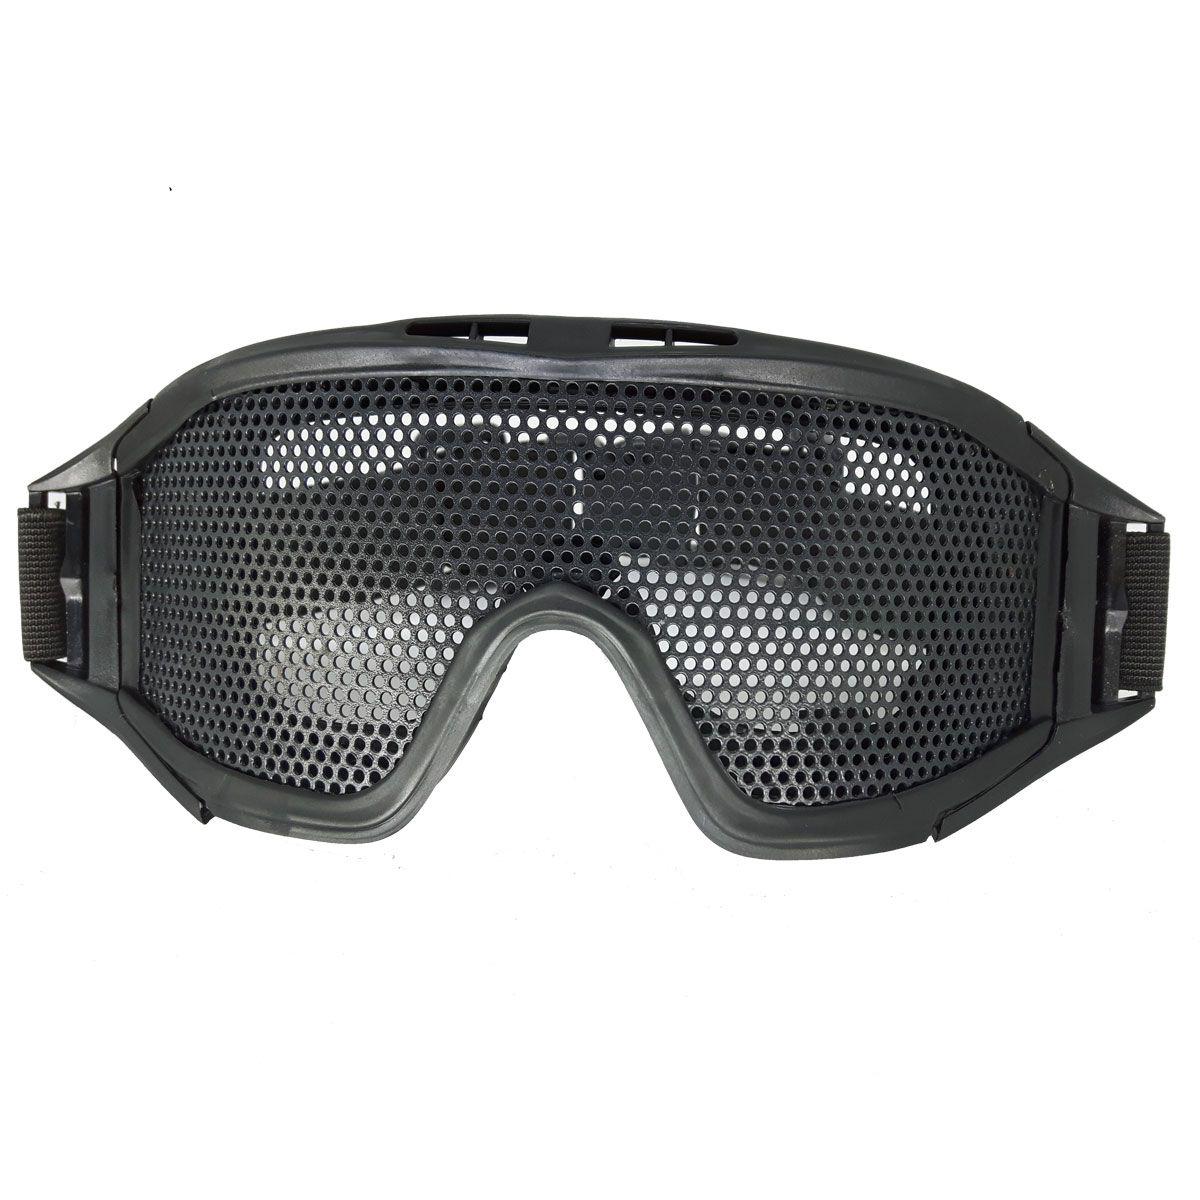 Óculos/Viseira de Proteção para Airsoft em Tela Grande de Metal Preto